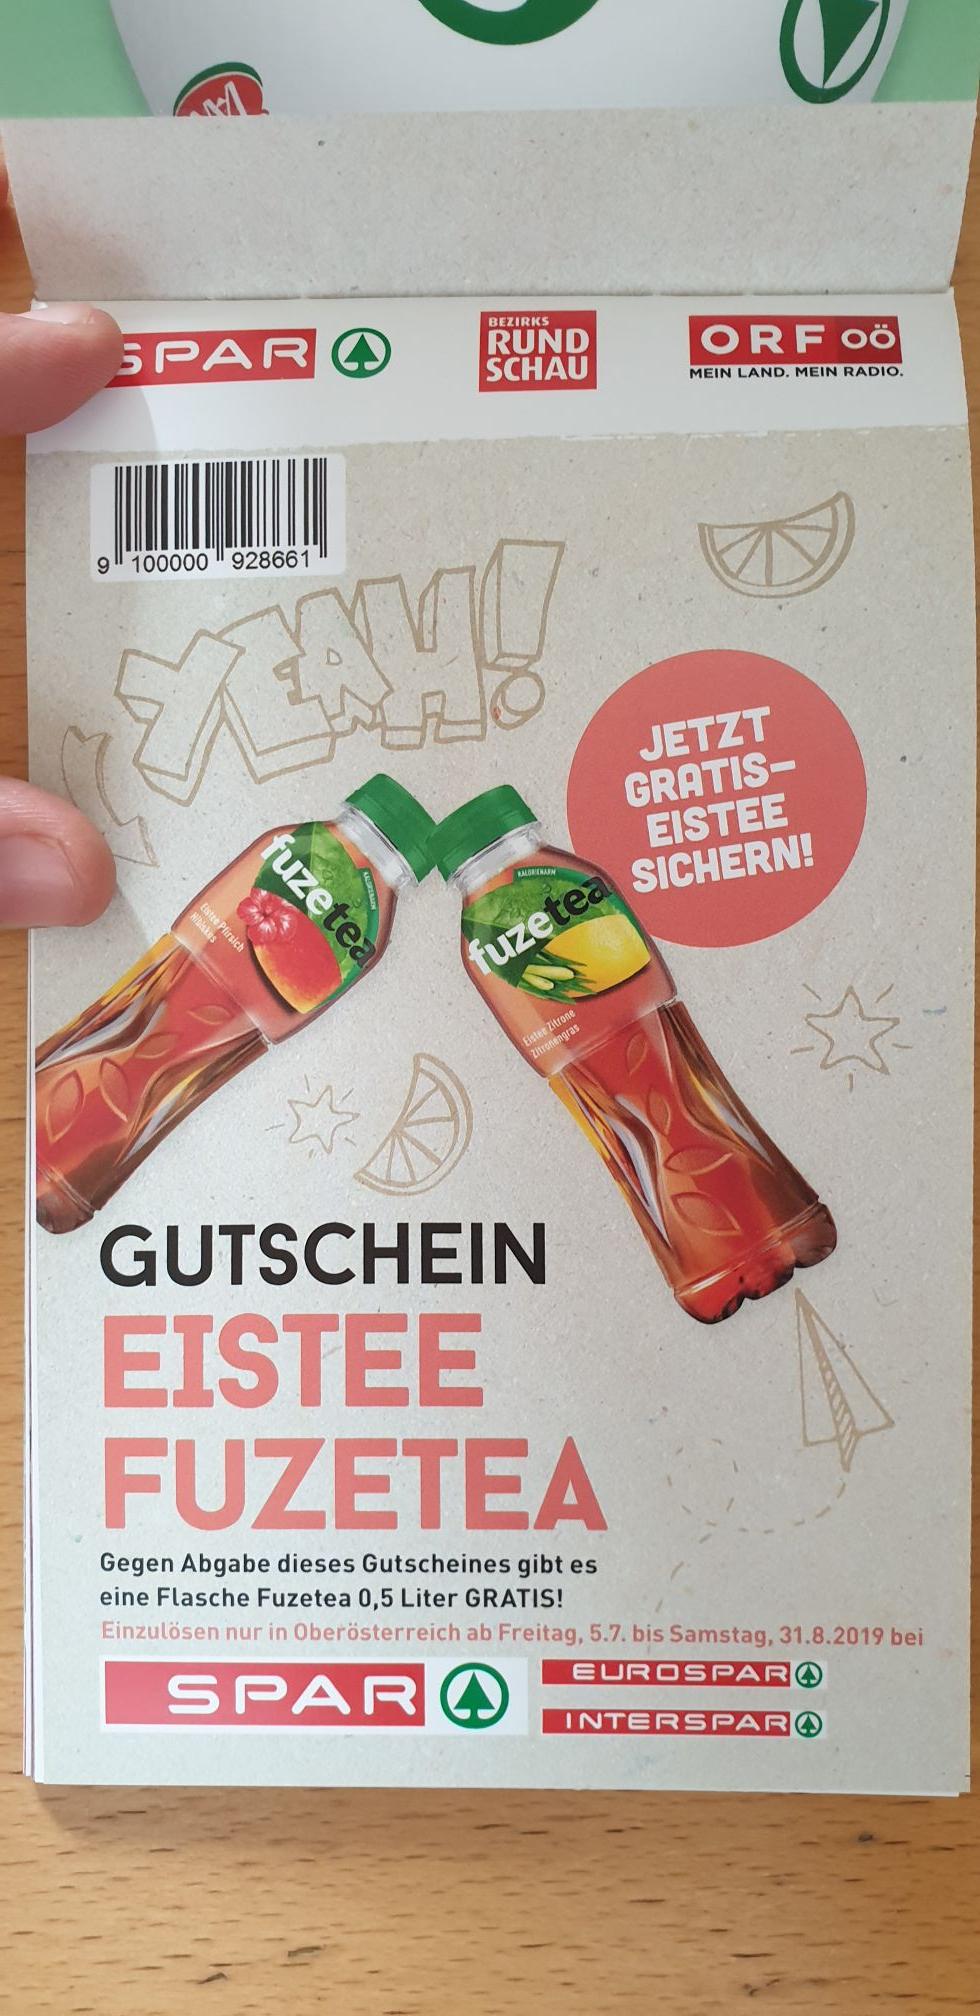 *GRATIS* Fuzetea bei spar :) - Nur in Oberösterreich